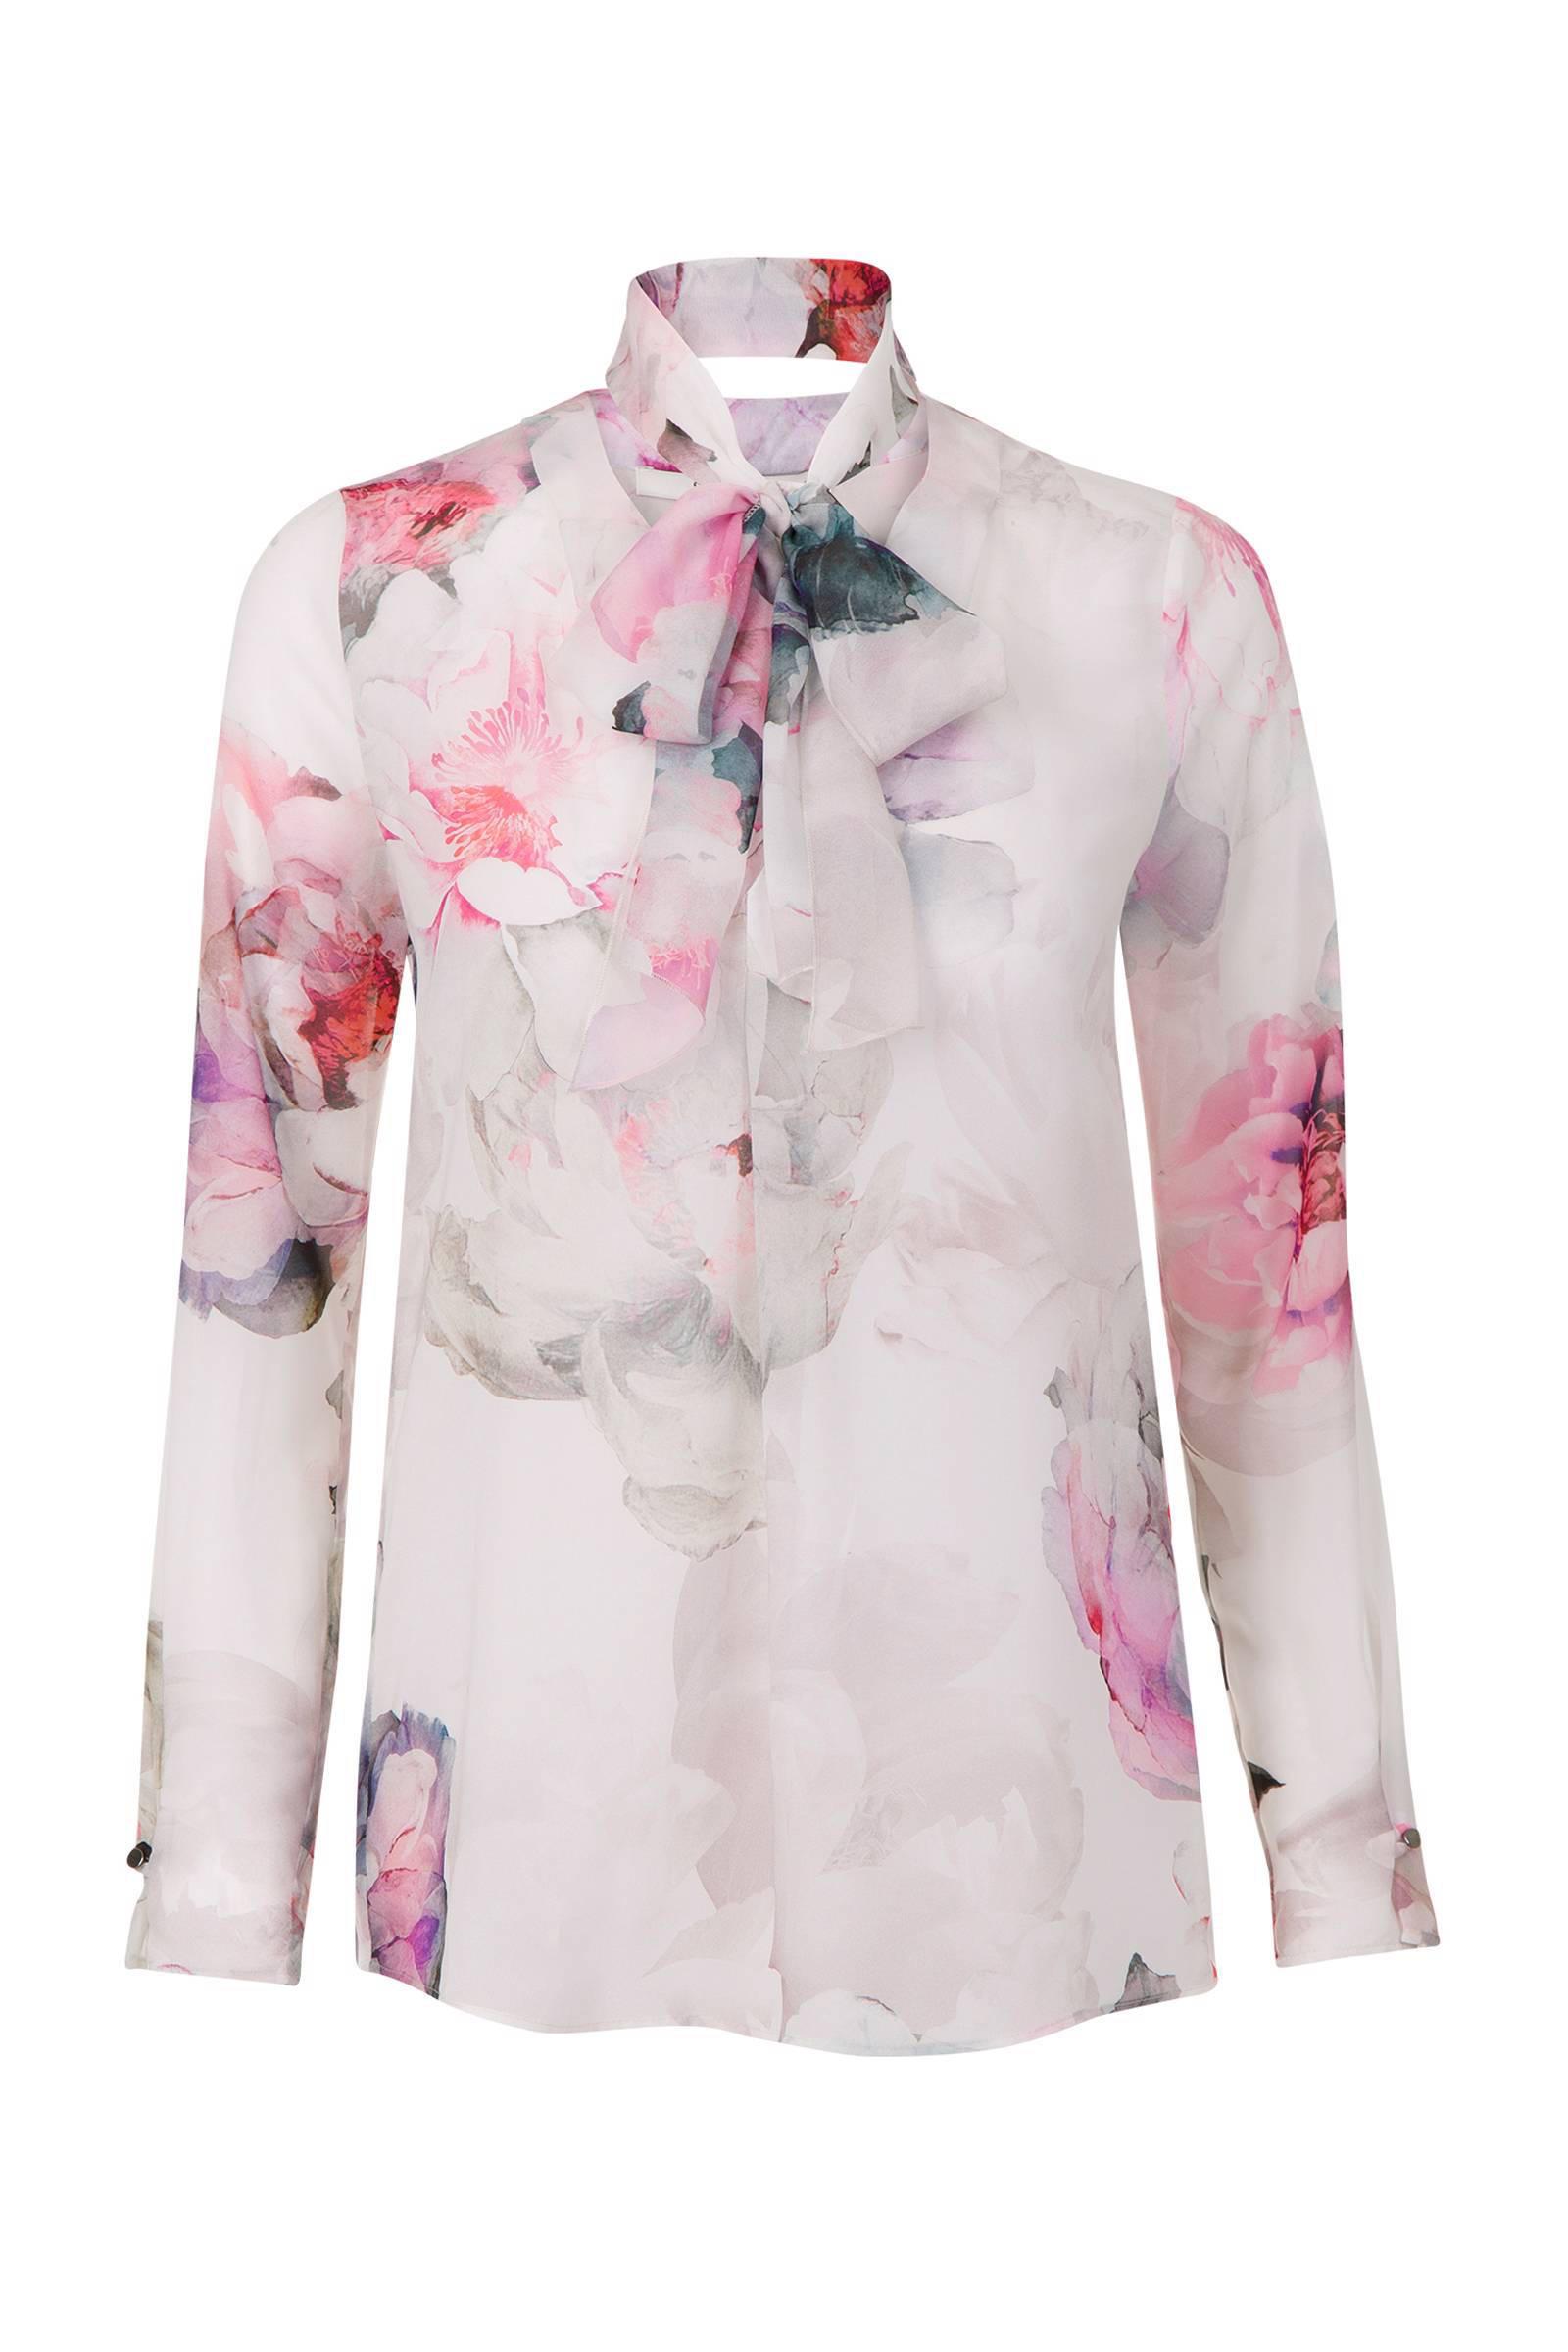 witte blouse met bloemen